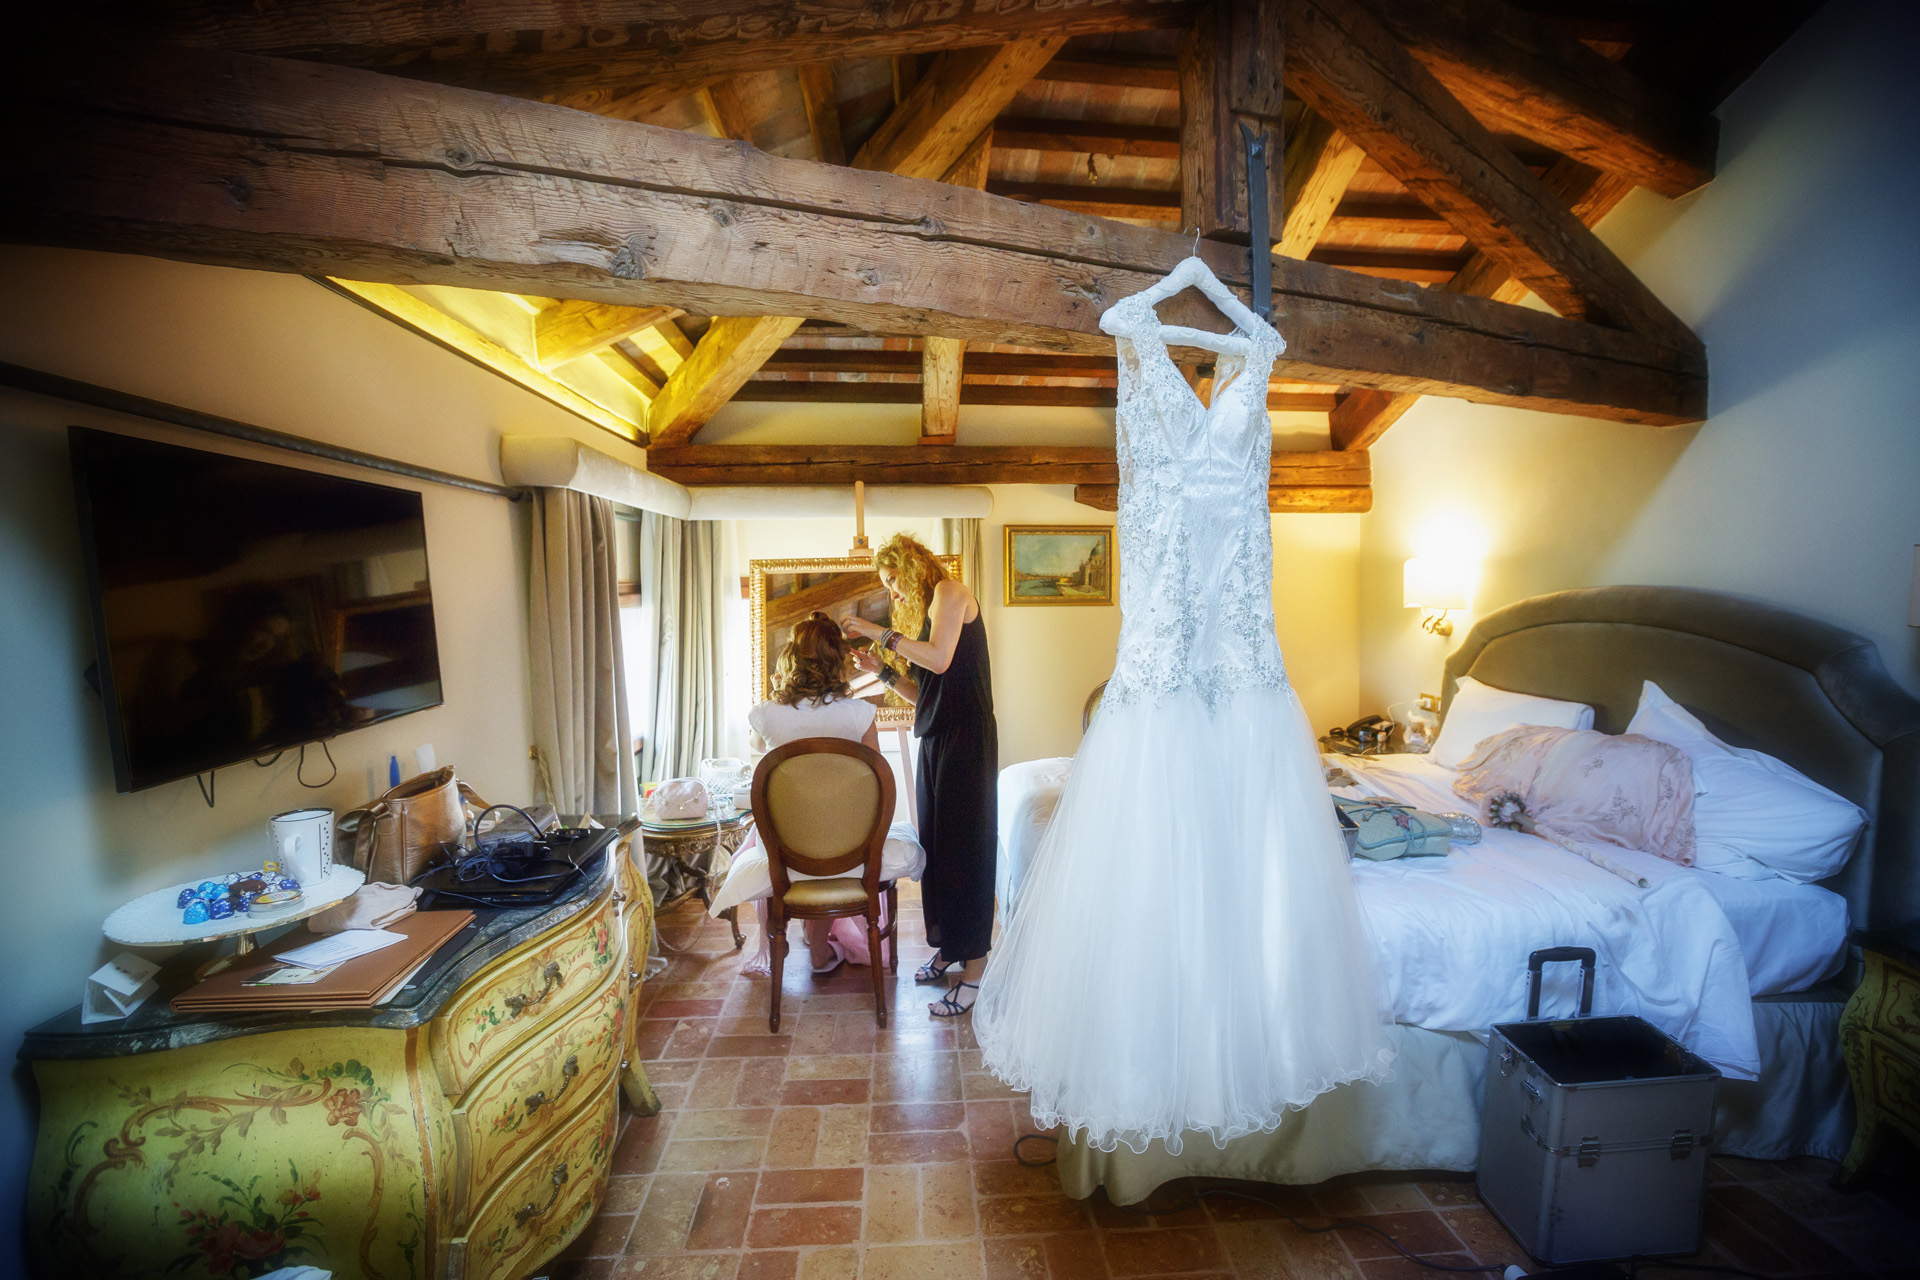 Venise, Italie Elopement Photo   La mariée se prépare alors que sa robe de mariée se bloque.